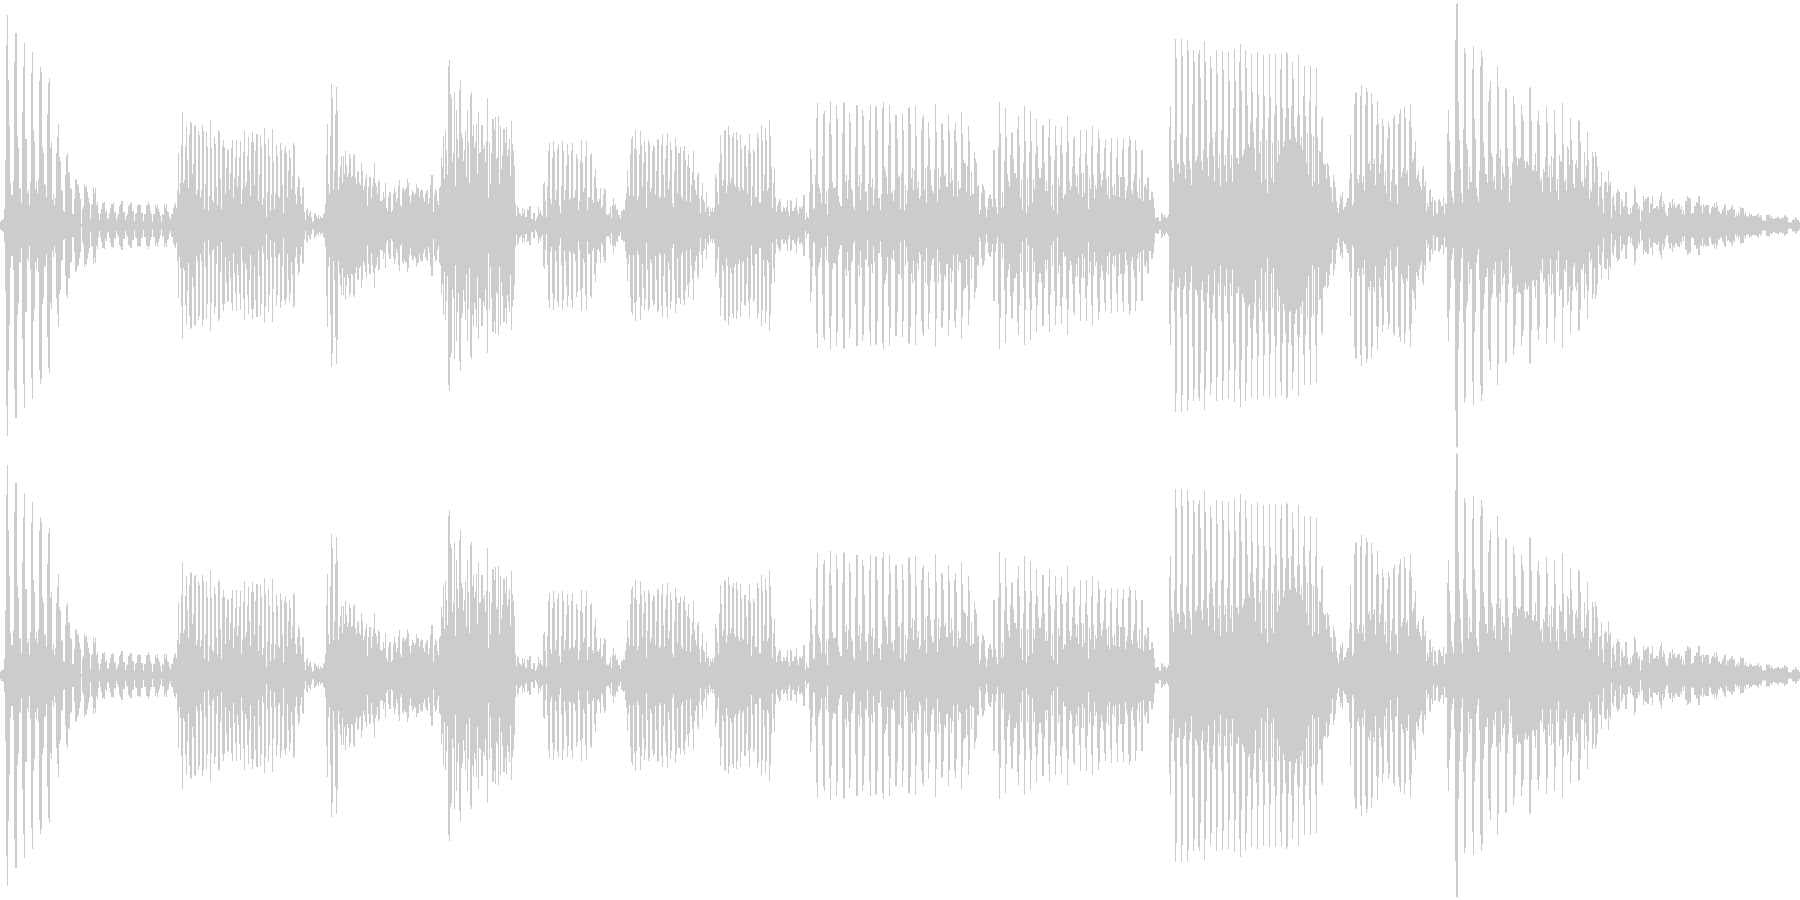 エレキベースのフレーズ2の未再生の波形